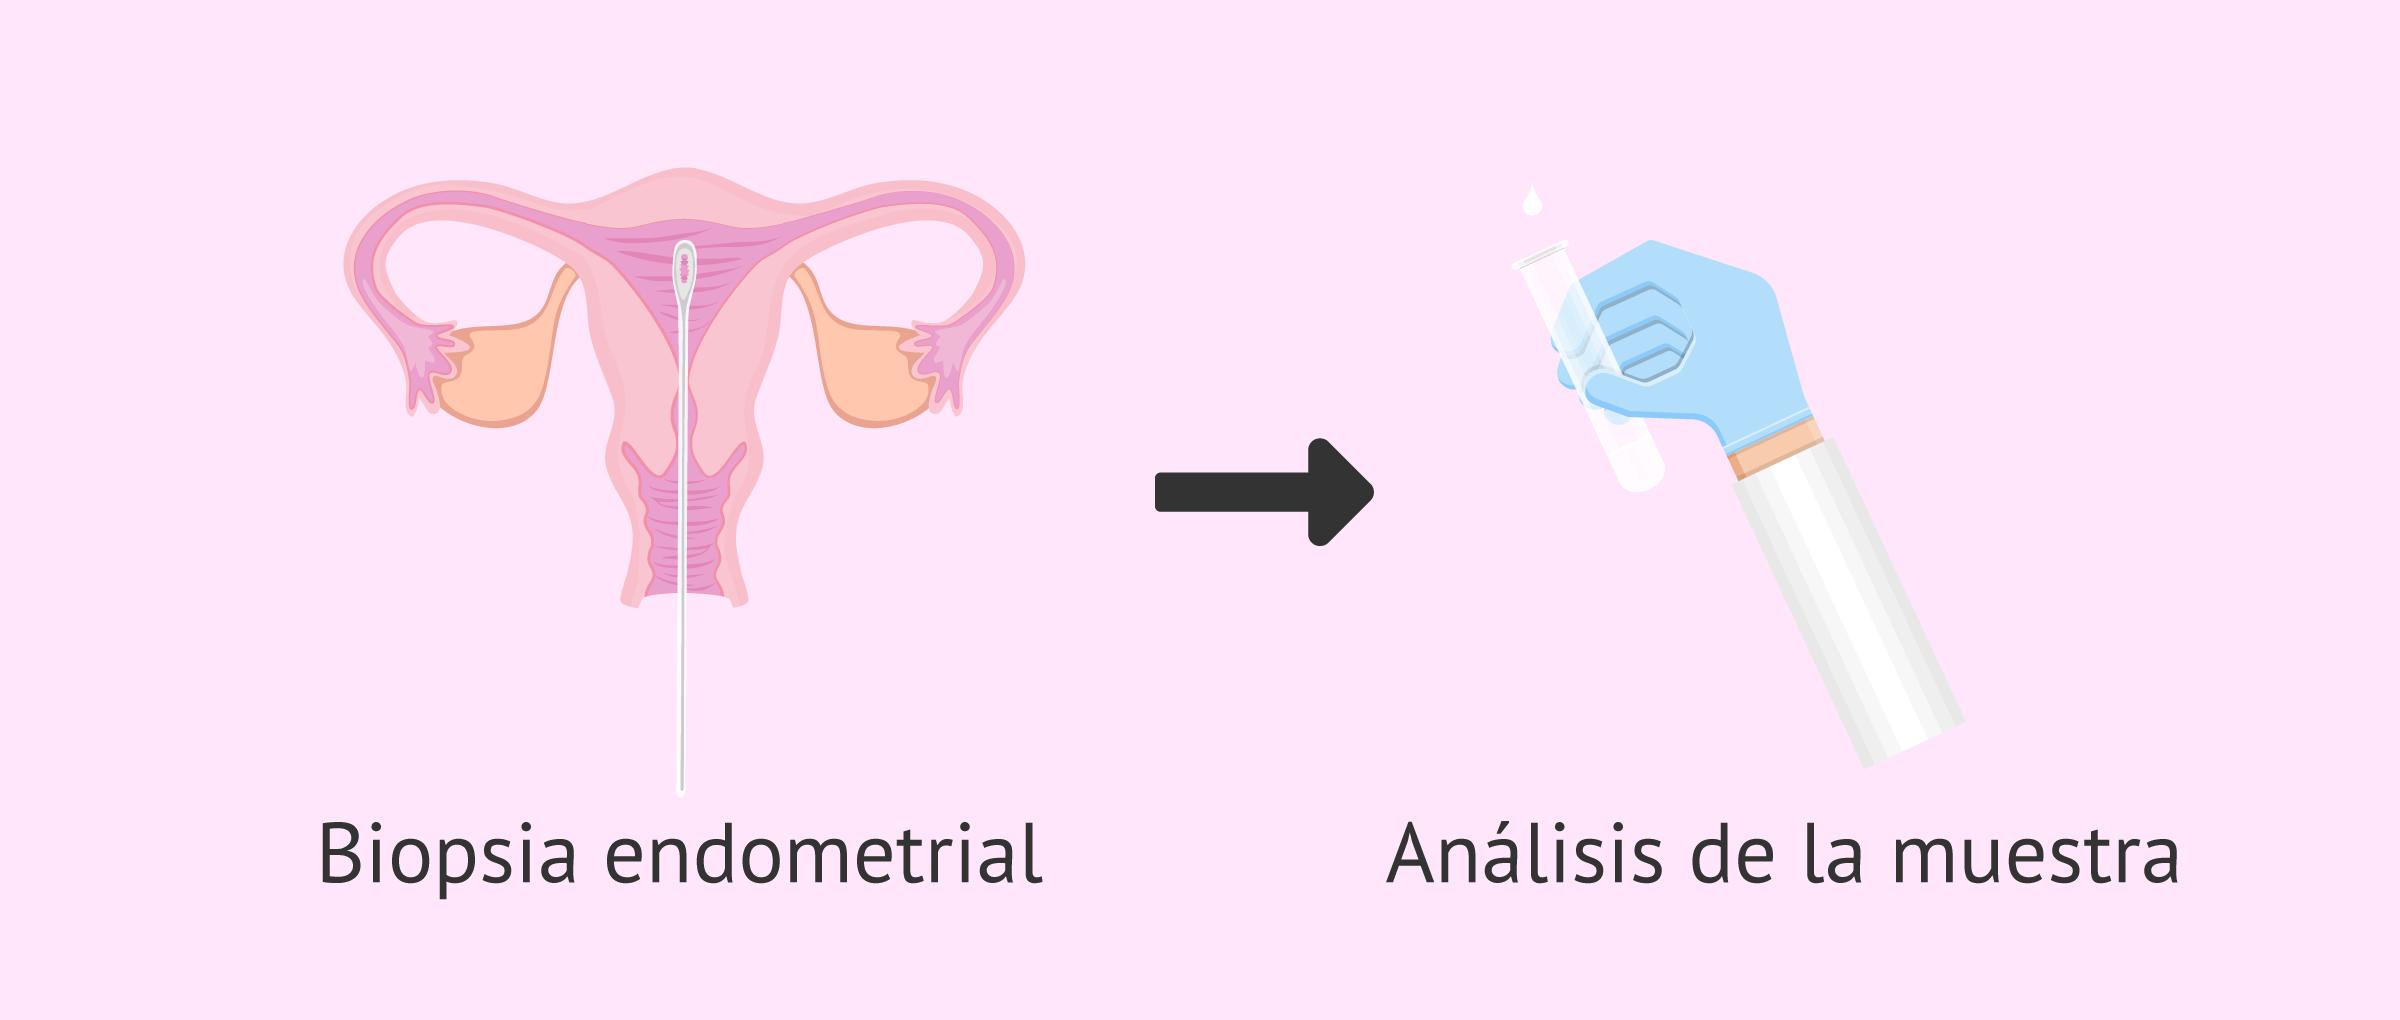 Técnica de la biopsia endometrial